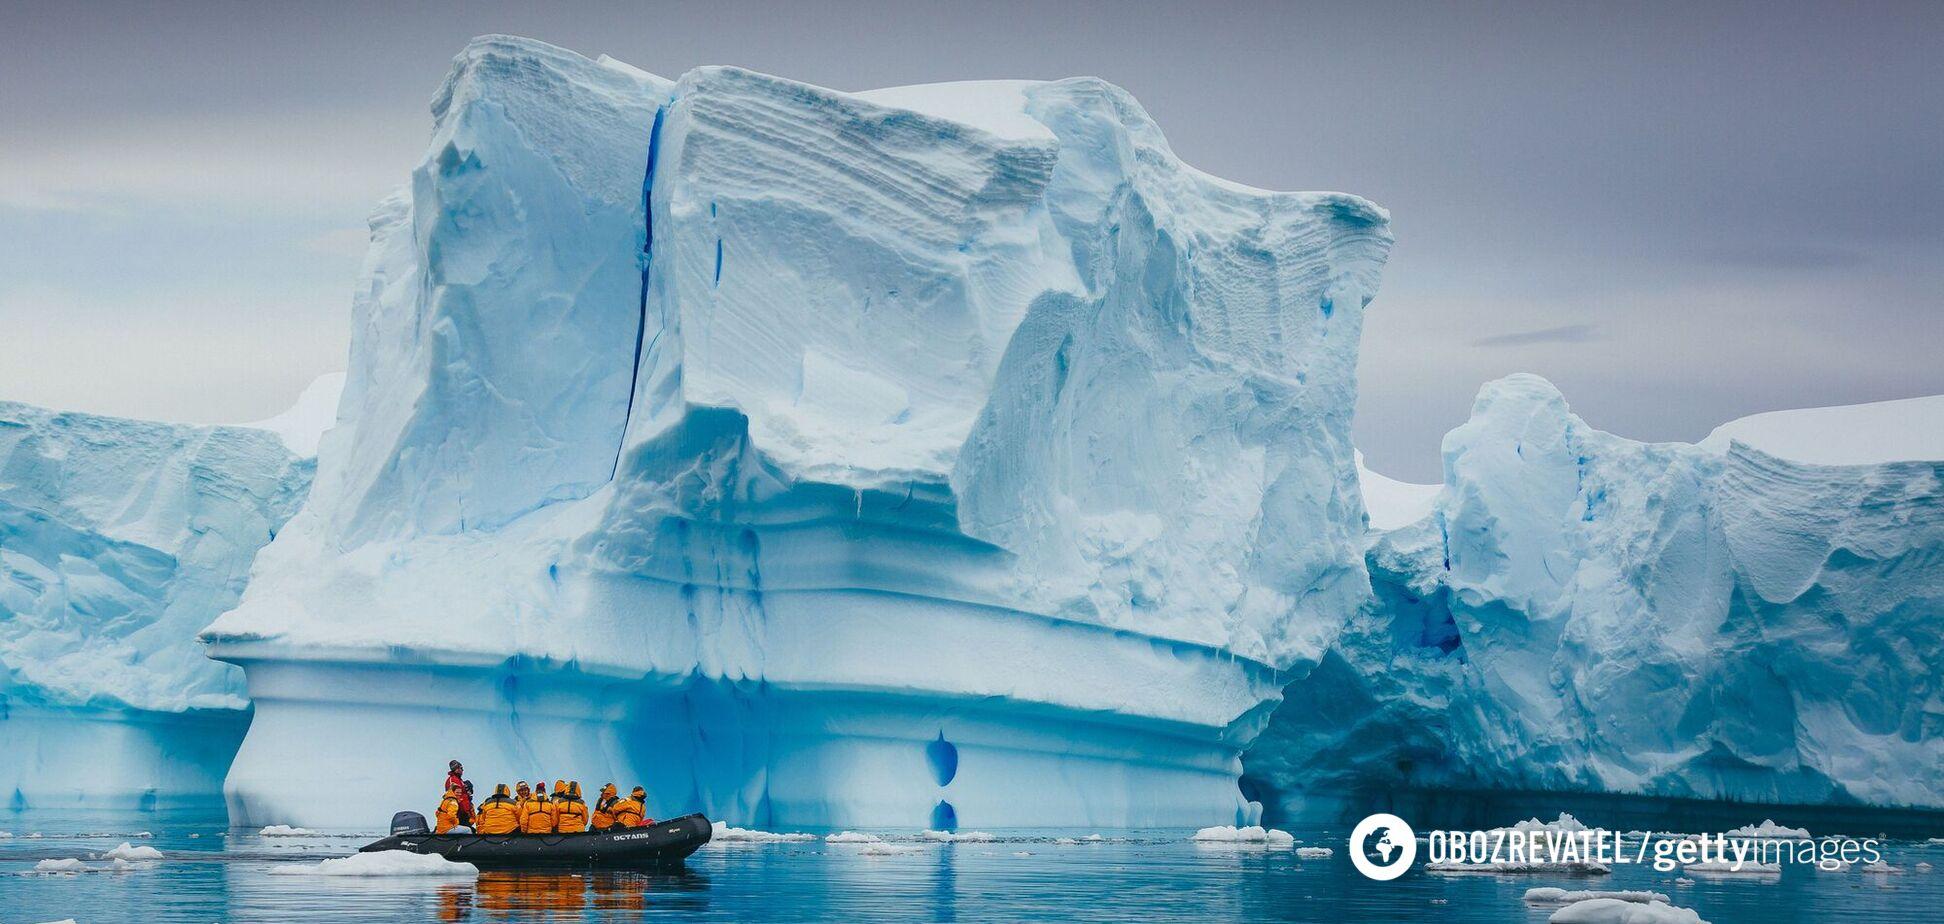 Розтанув найбільший айсберг на планеті